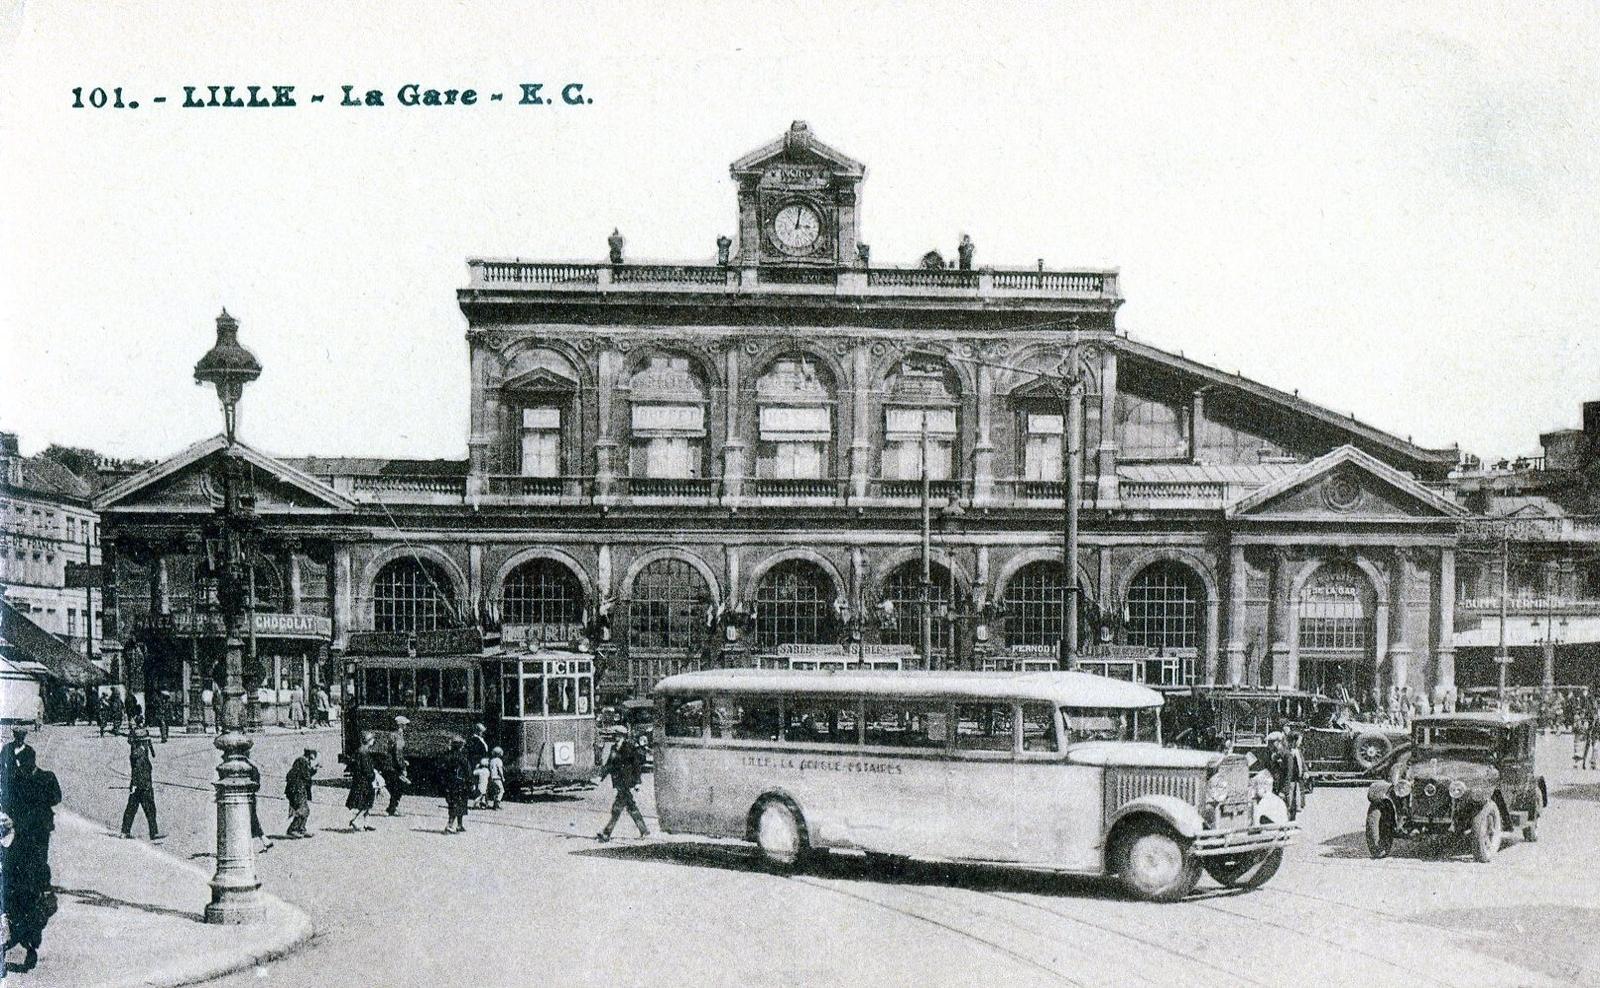 Lille - Lille : La gare - Carte postale ancienne et vue d'Hier et Aujourd'hui - Geneanet